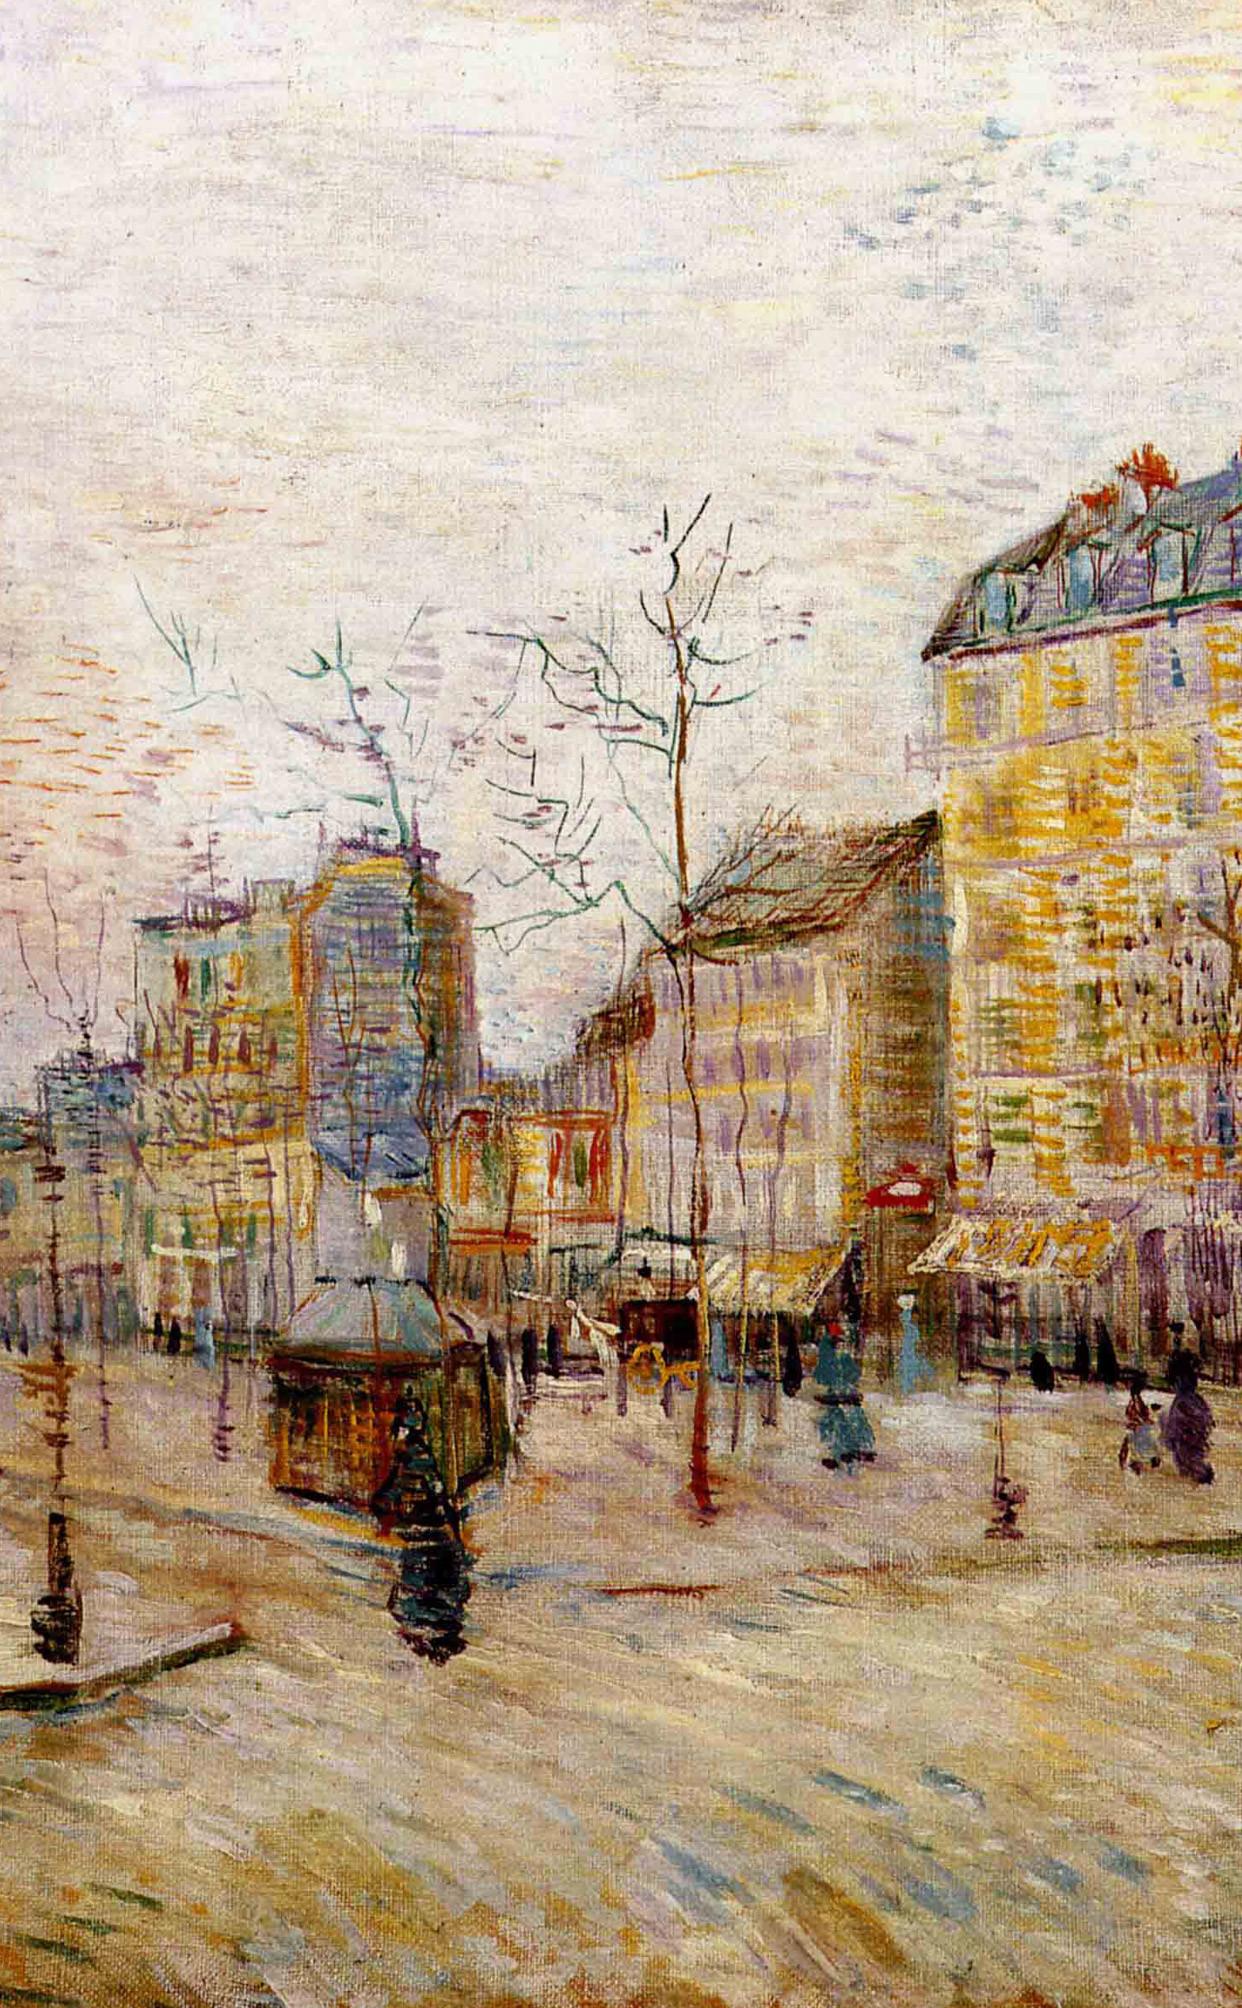 Explore Vincent Van Gogh, Iphone Wallpaper, and more!